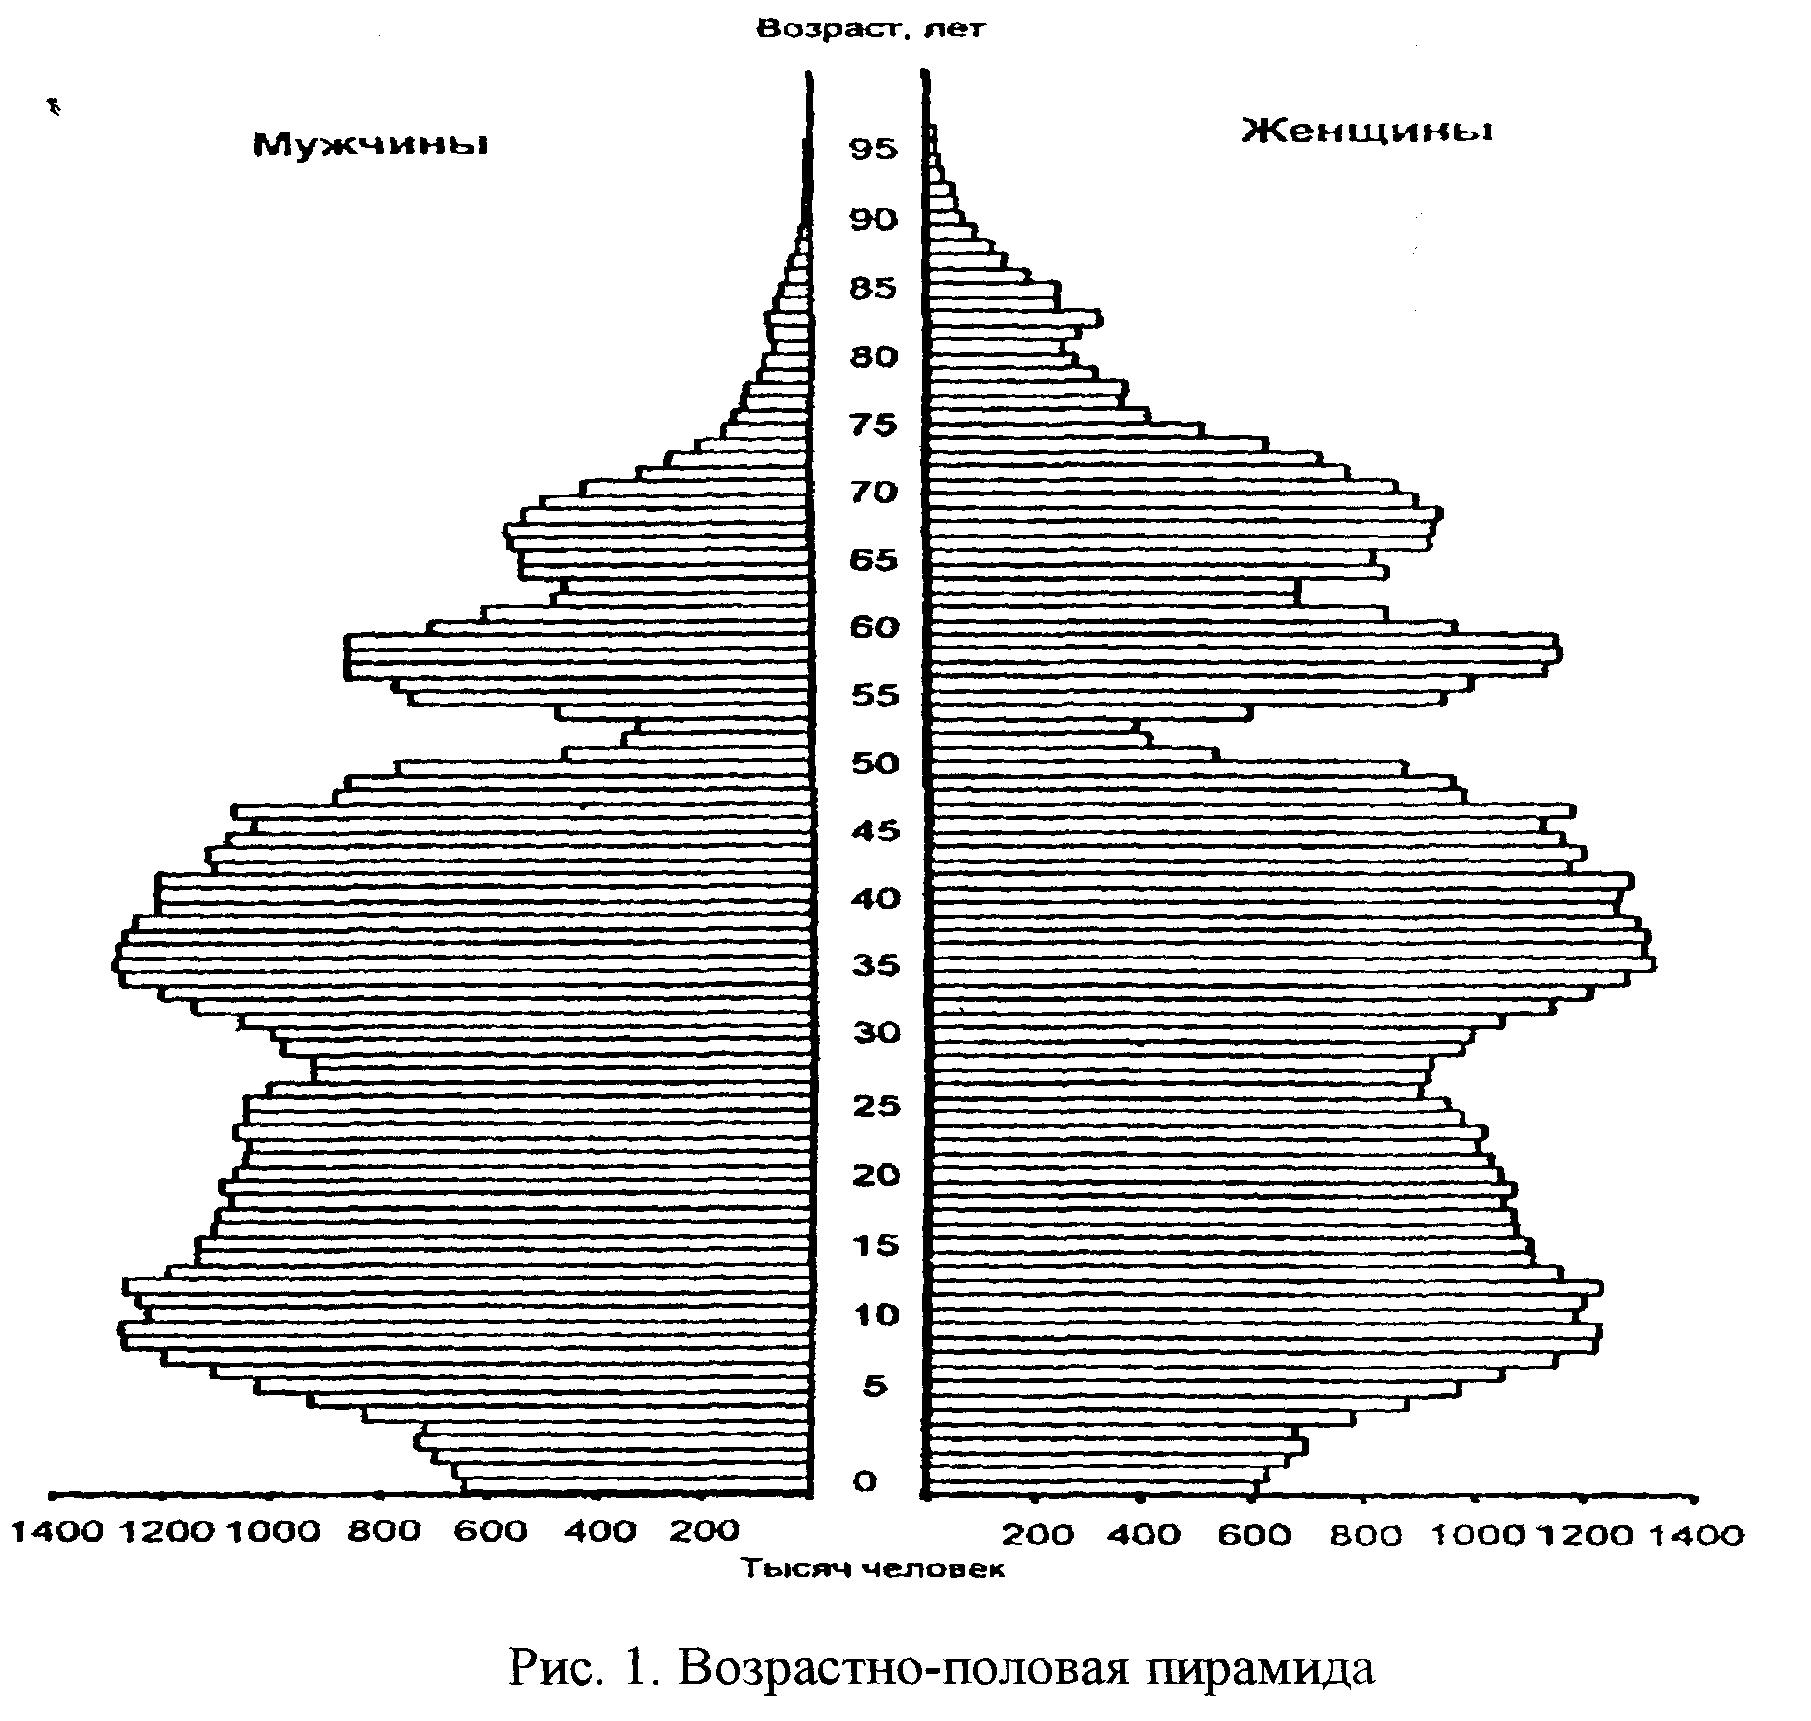 Возрастно-половая пирамида